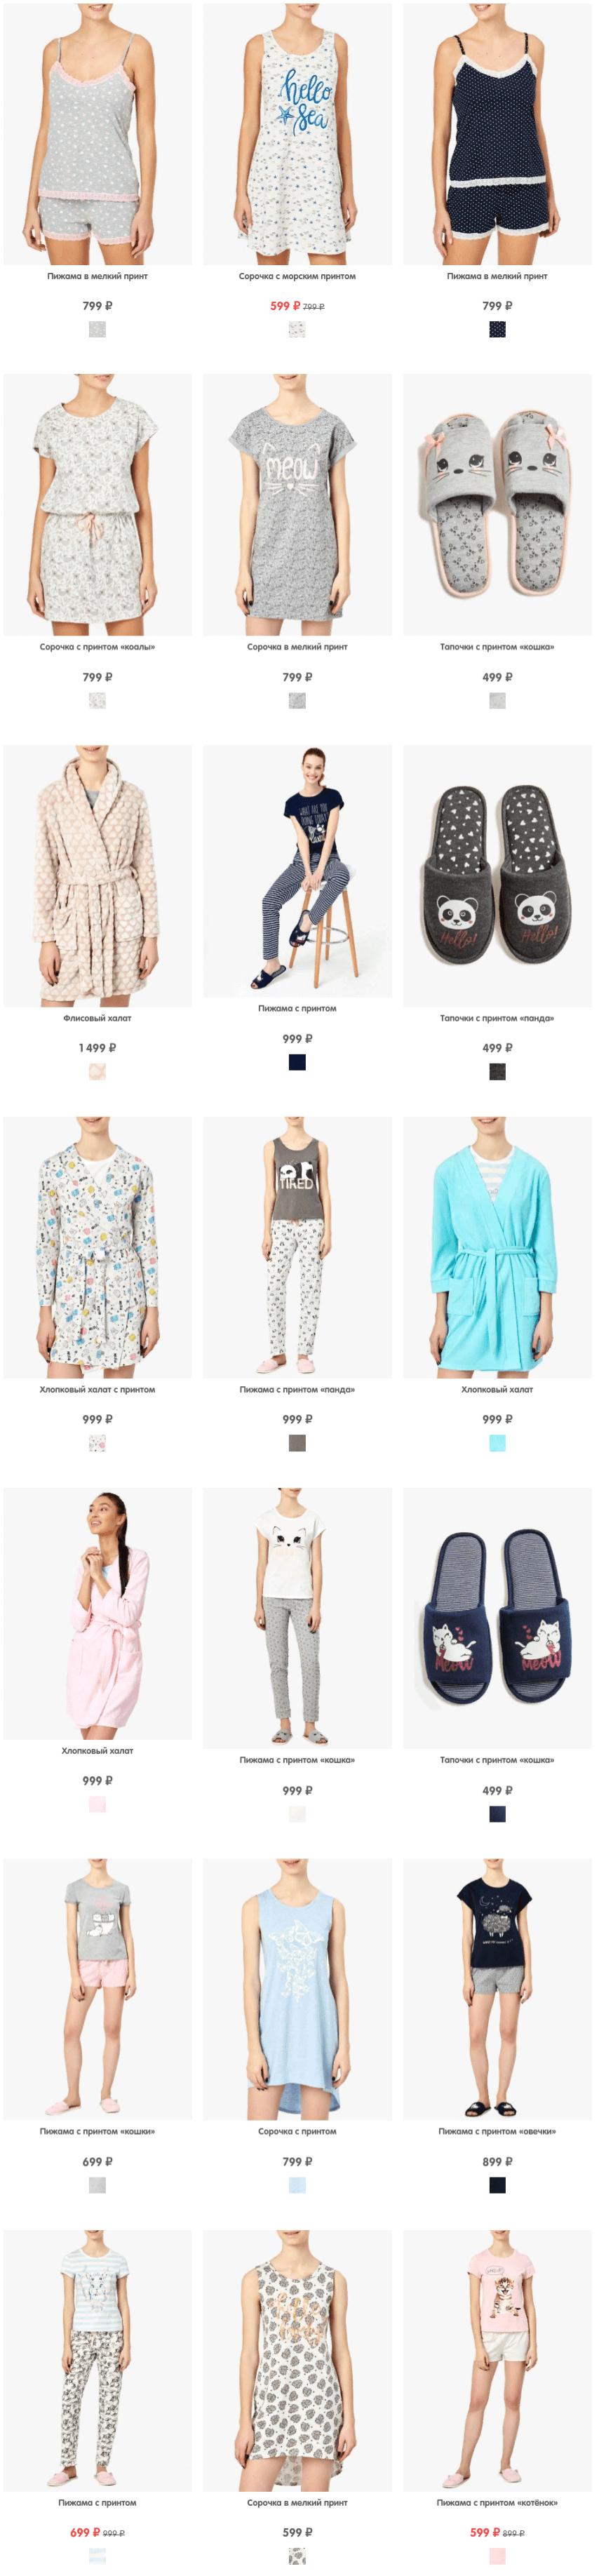 Купить Женскую домашнюю одежду в интернет-магазине одежды Fundayshop